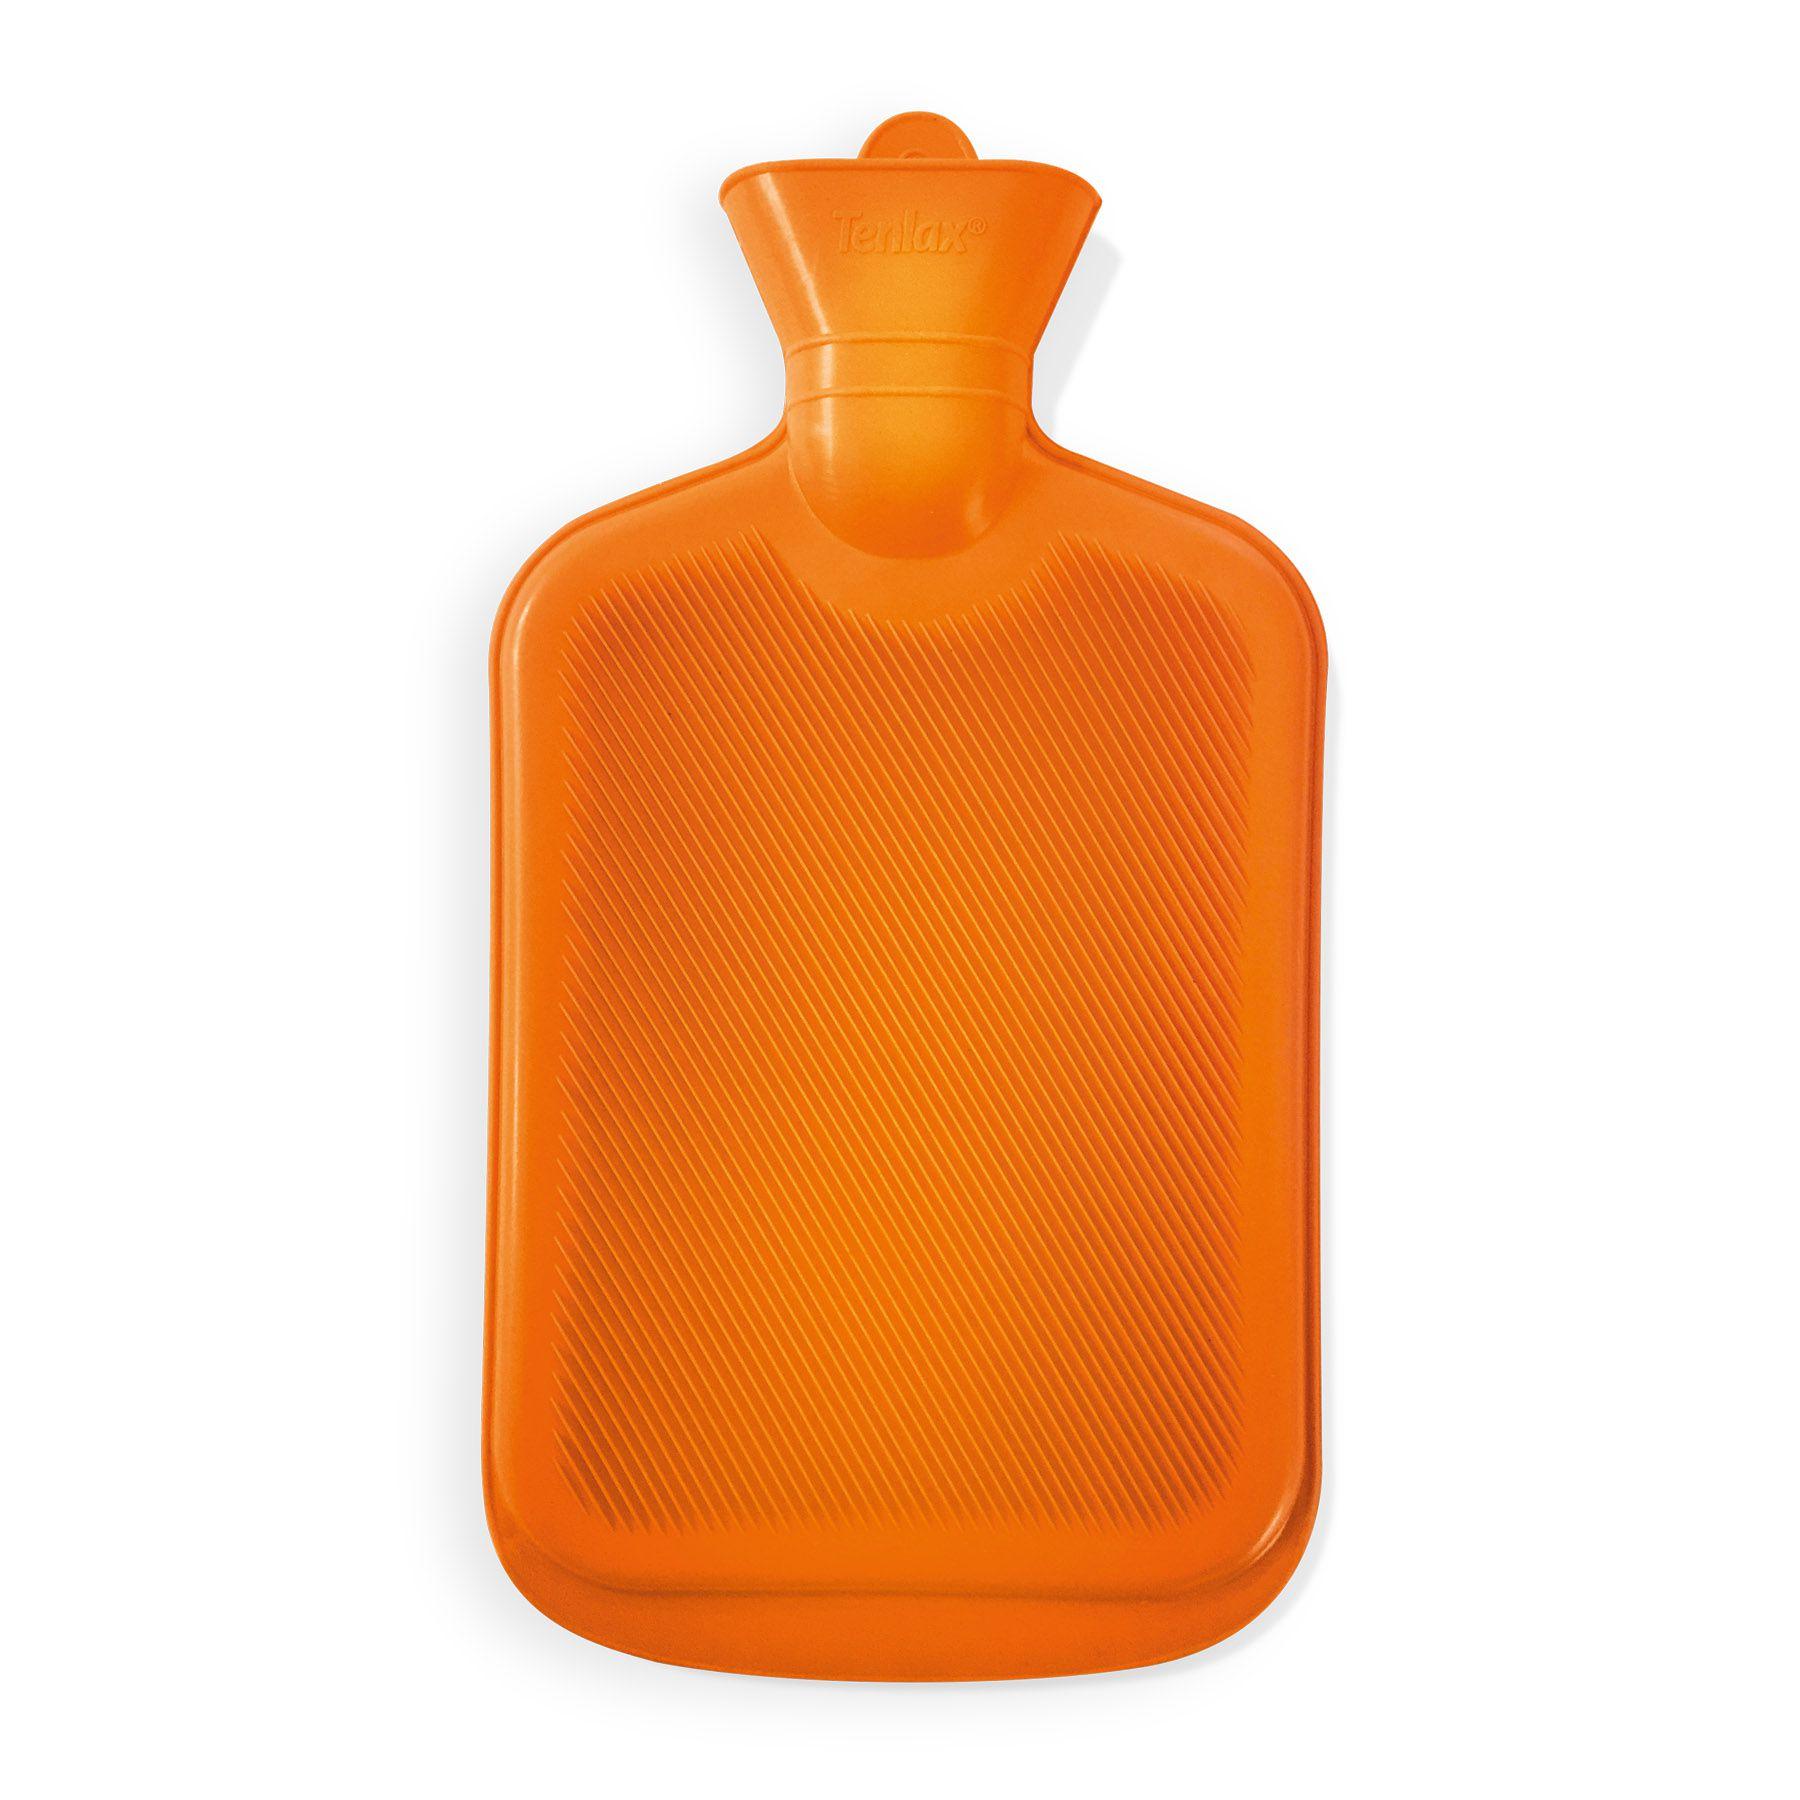 KIT Bolsa de Água Quente G e Bolsa para Gelo M - Tenlax HOT e ICE - Terapia Térmica